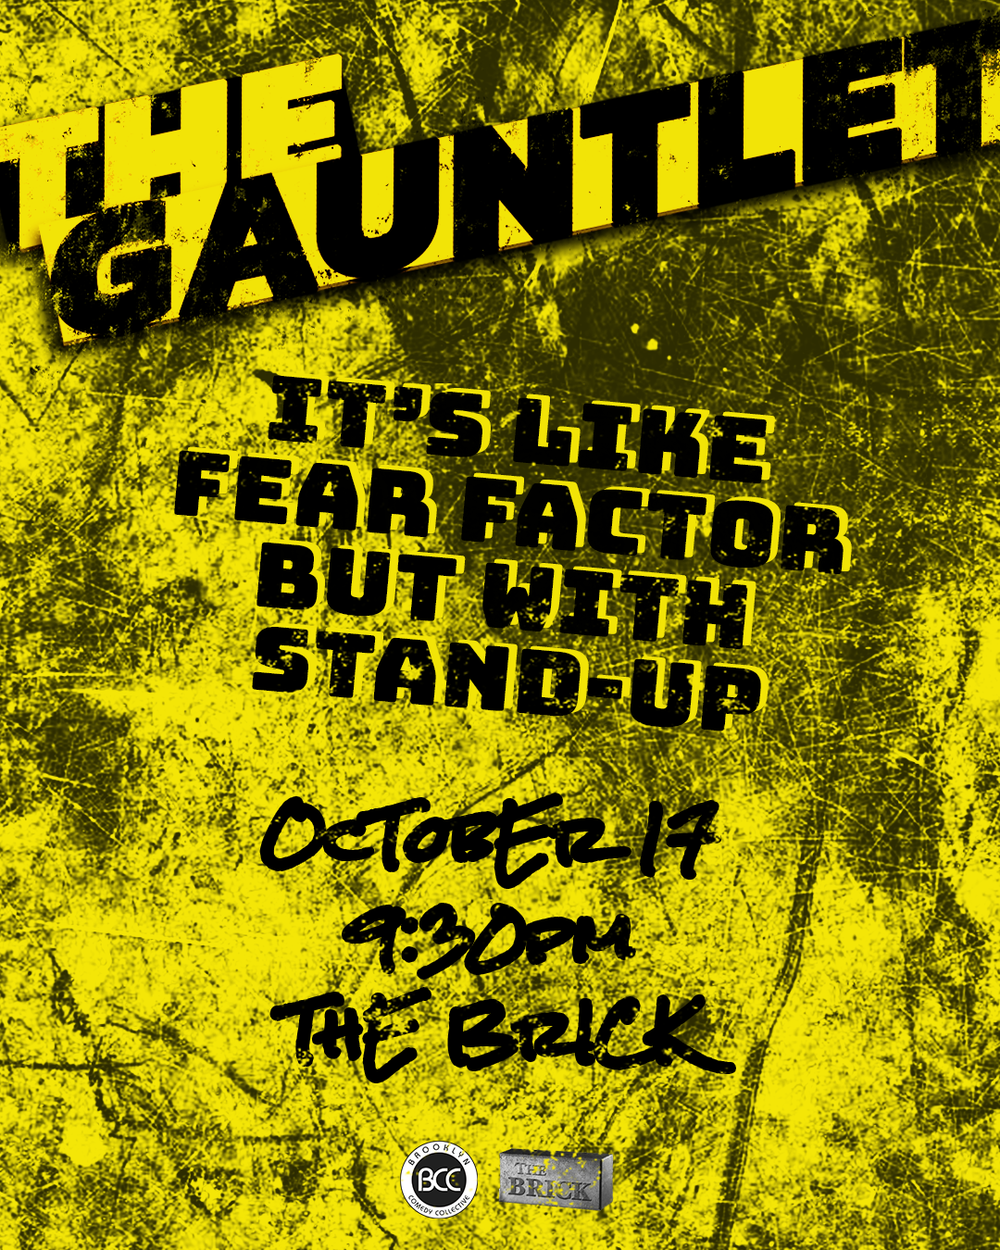 Gauntlet_Oct.png